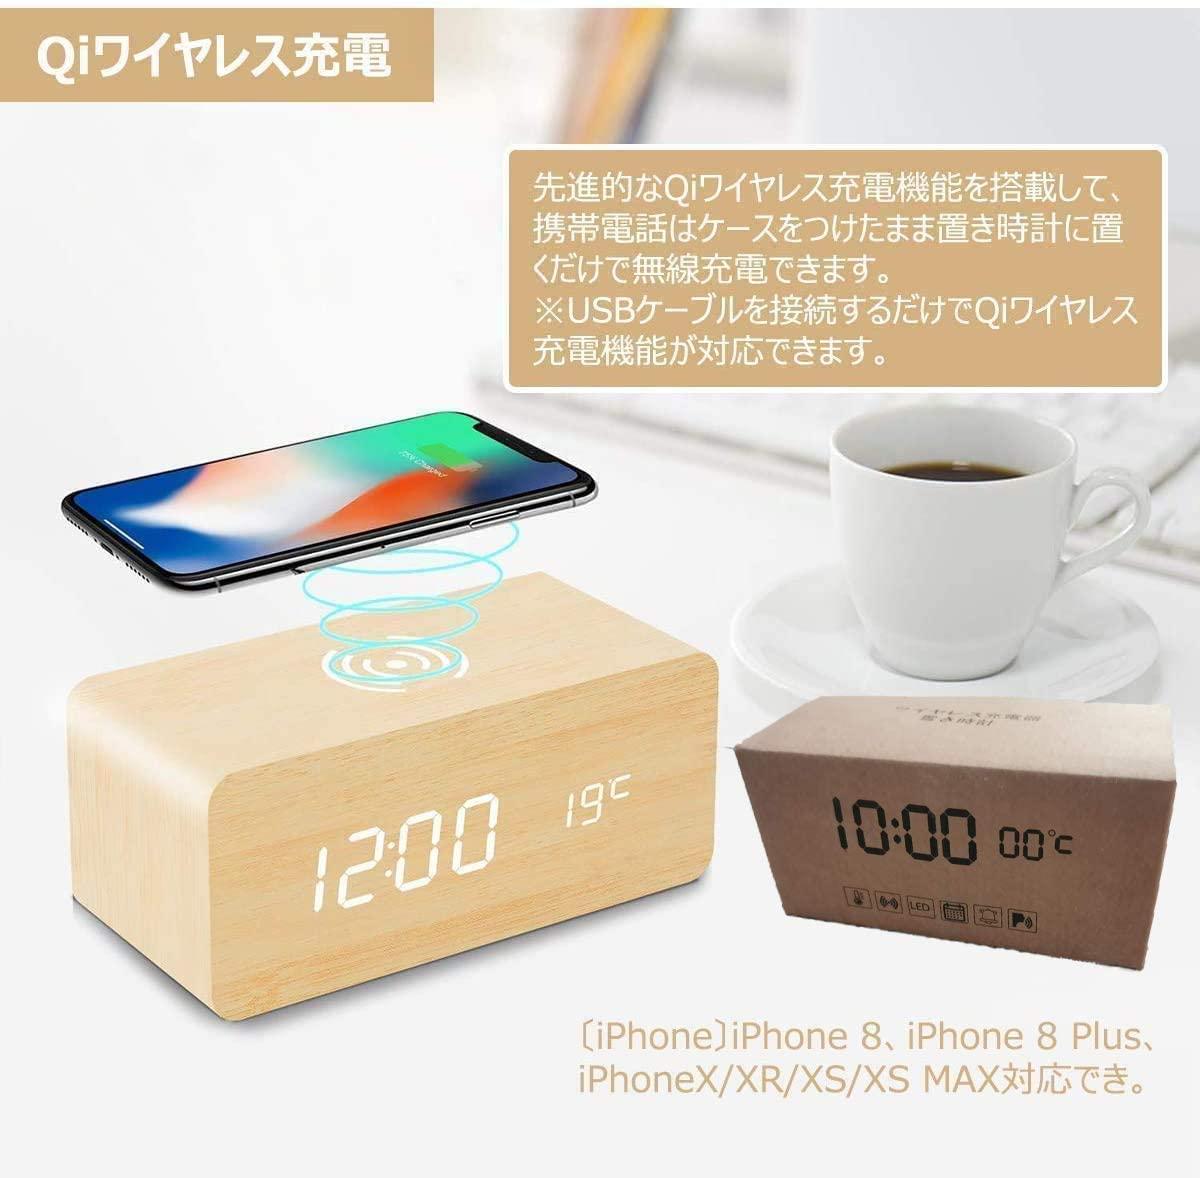 【日本代購】Qi時鐘 時尚 桌上時鐘 台式時鐘 人氣 鬧鐘QI無線充電 for iPhone 8 Galaxy